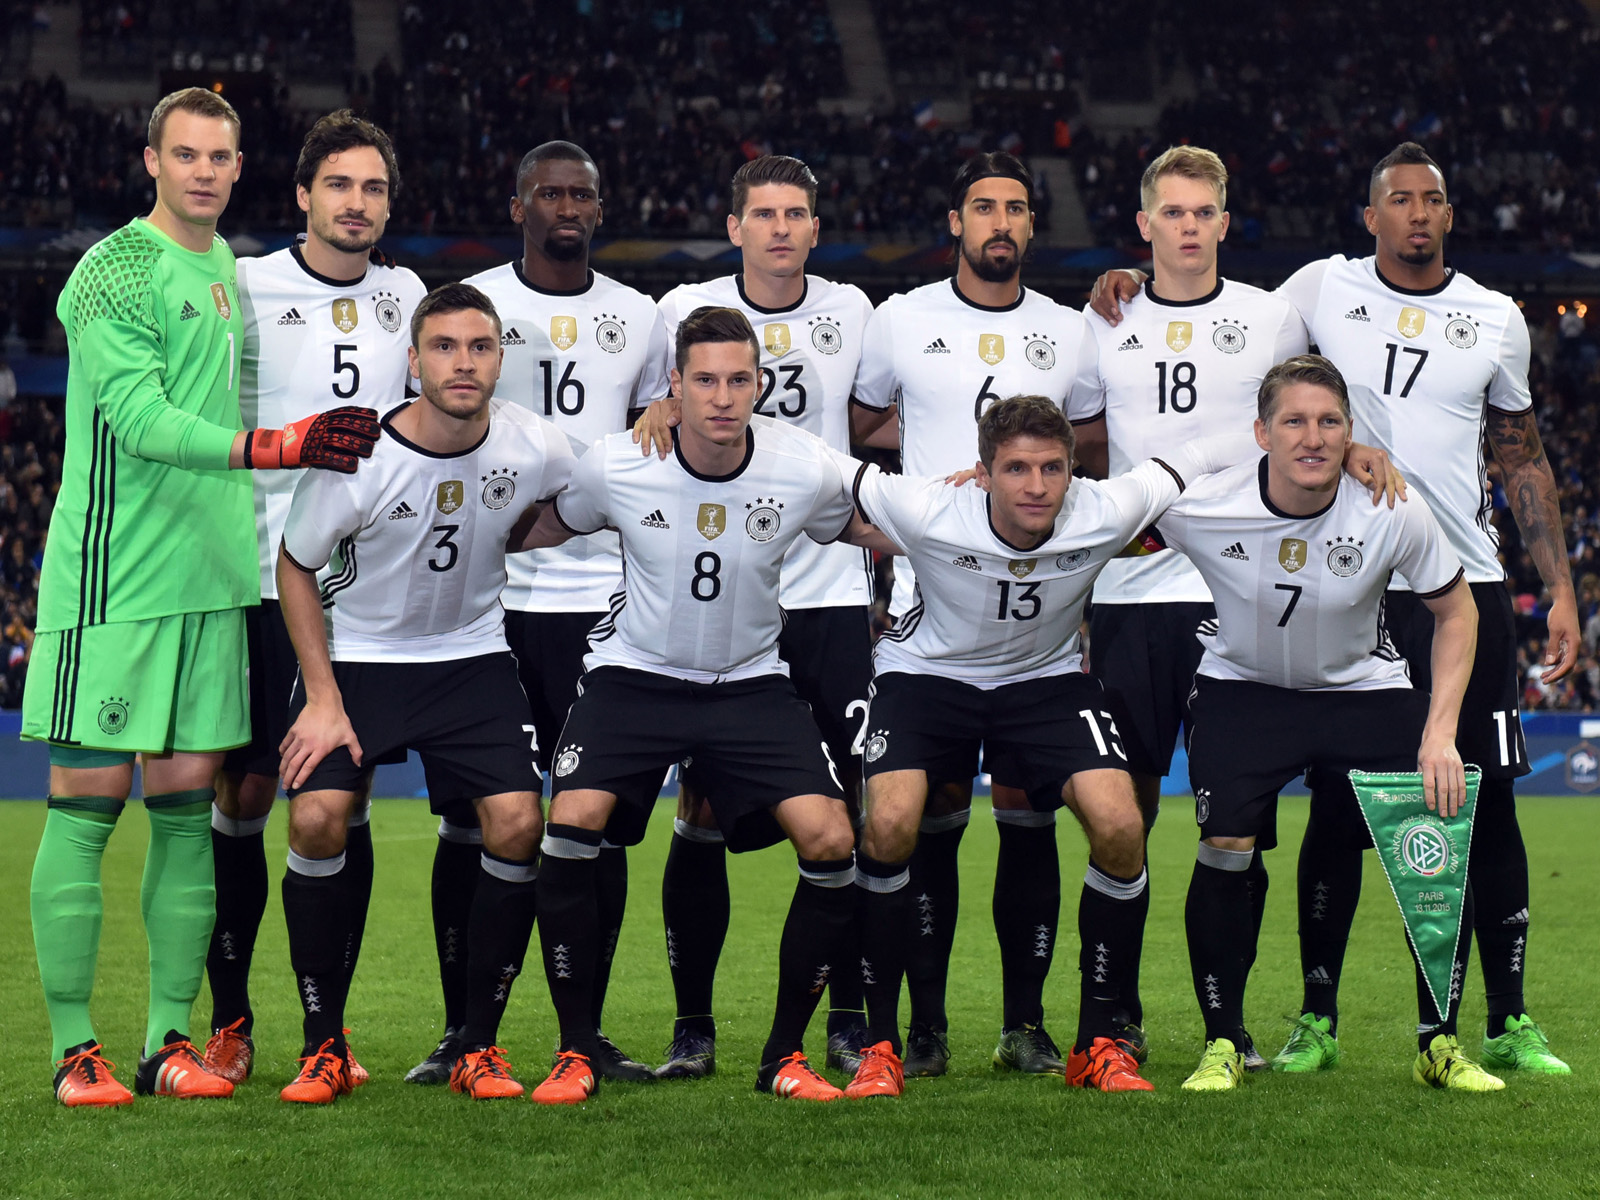 Wm Mannschaft 2017 Deutschland